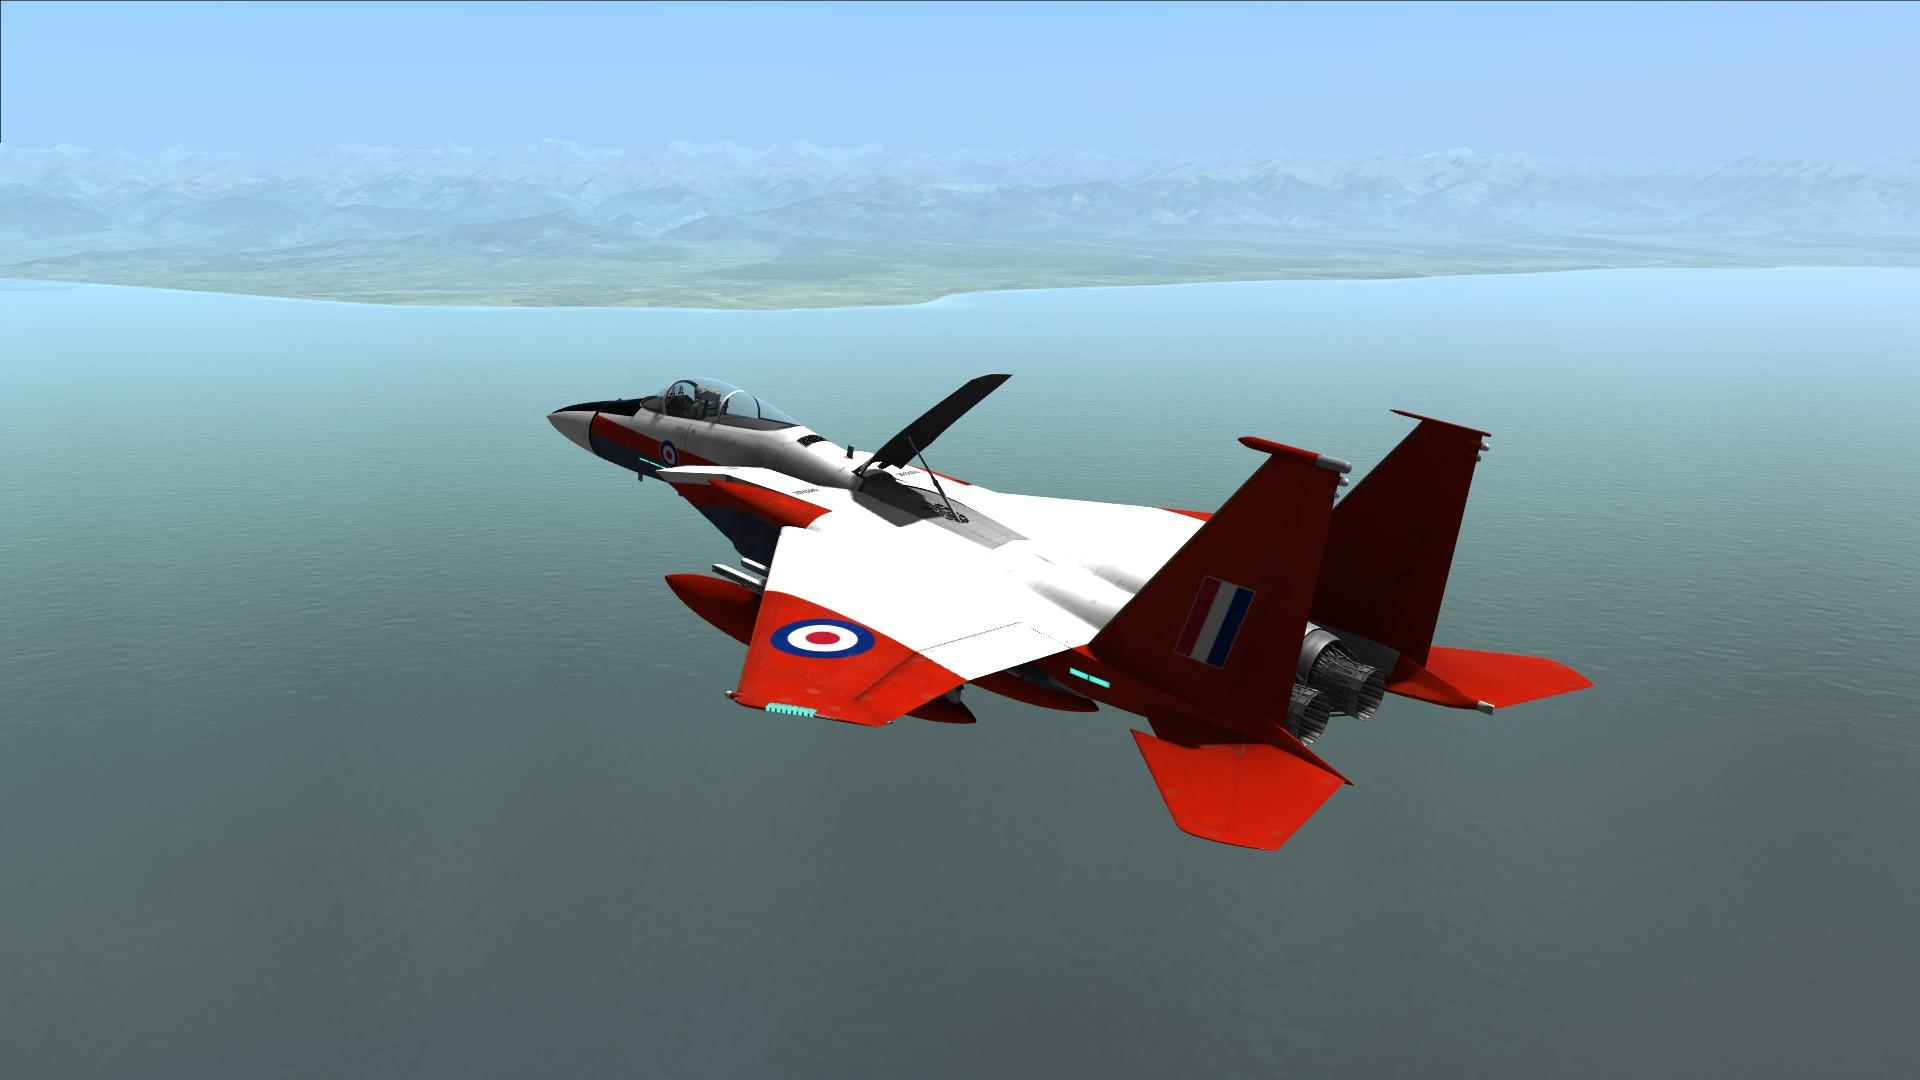 Test Pilot Details